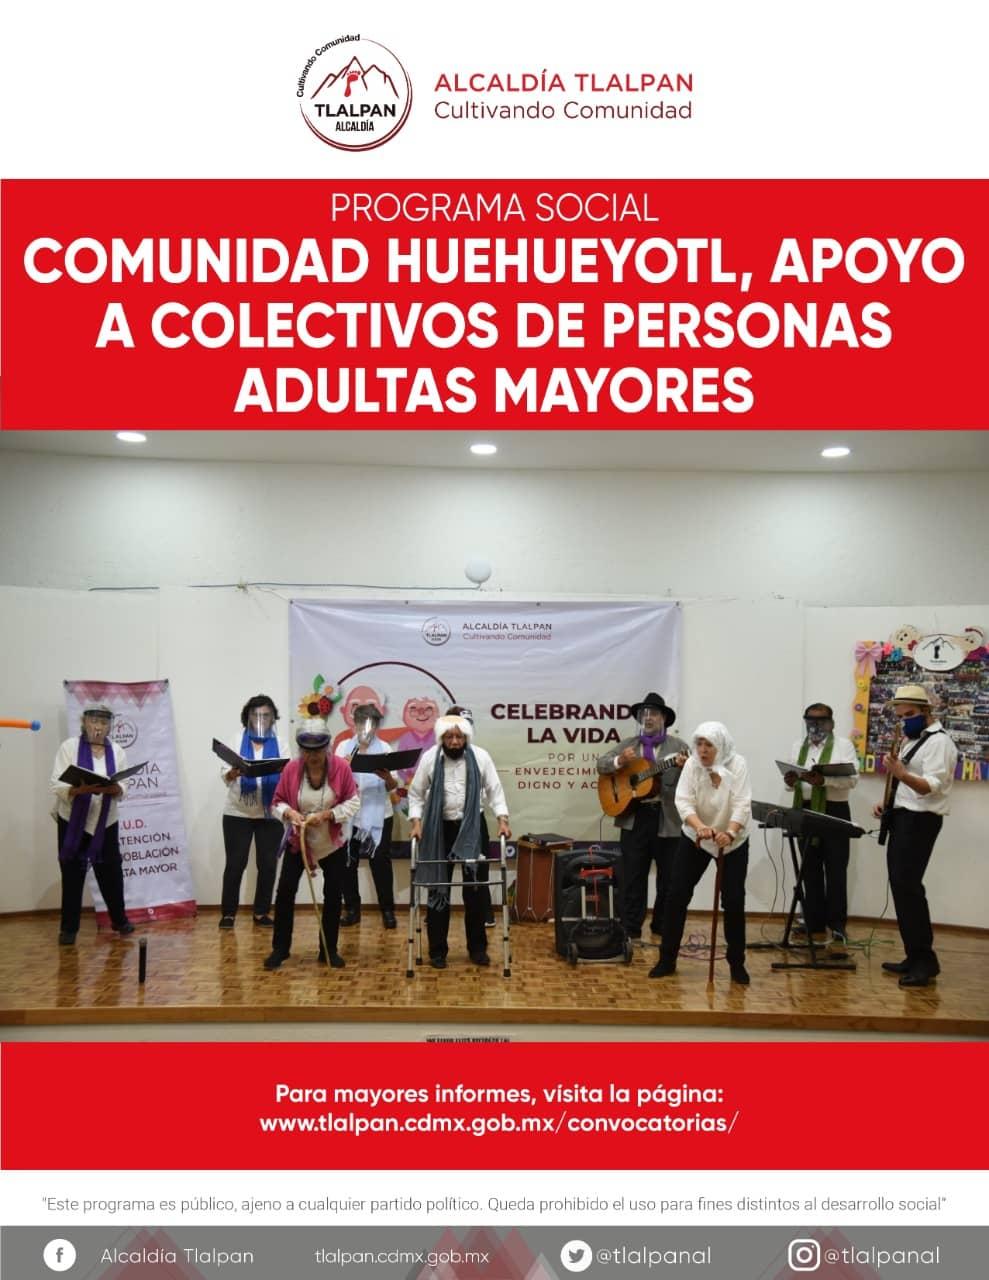 comunidad-huehueyotl